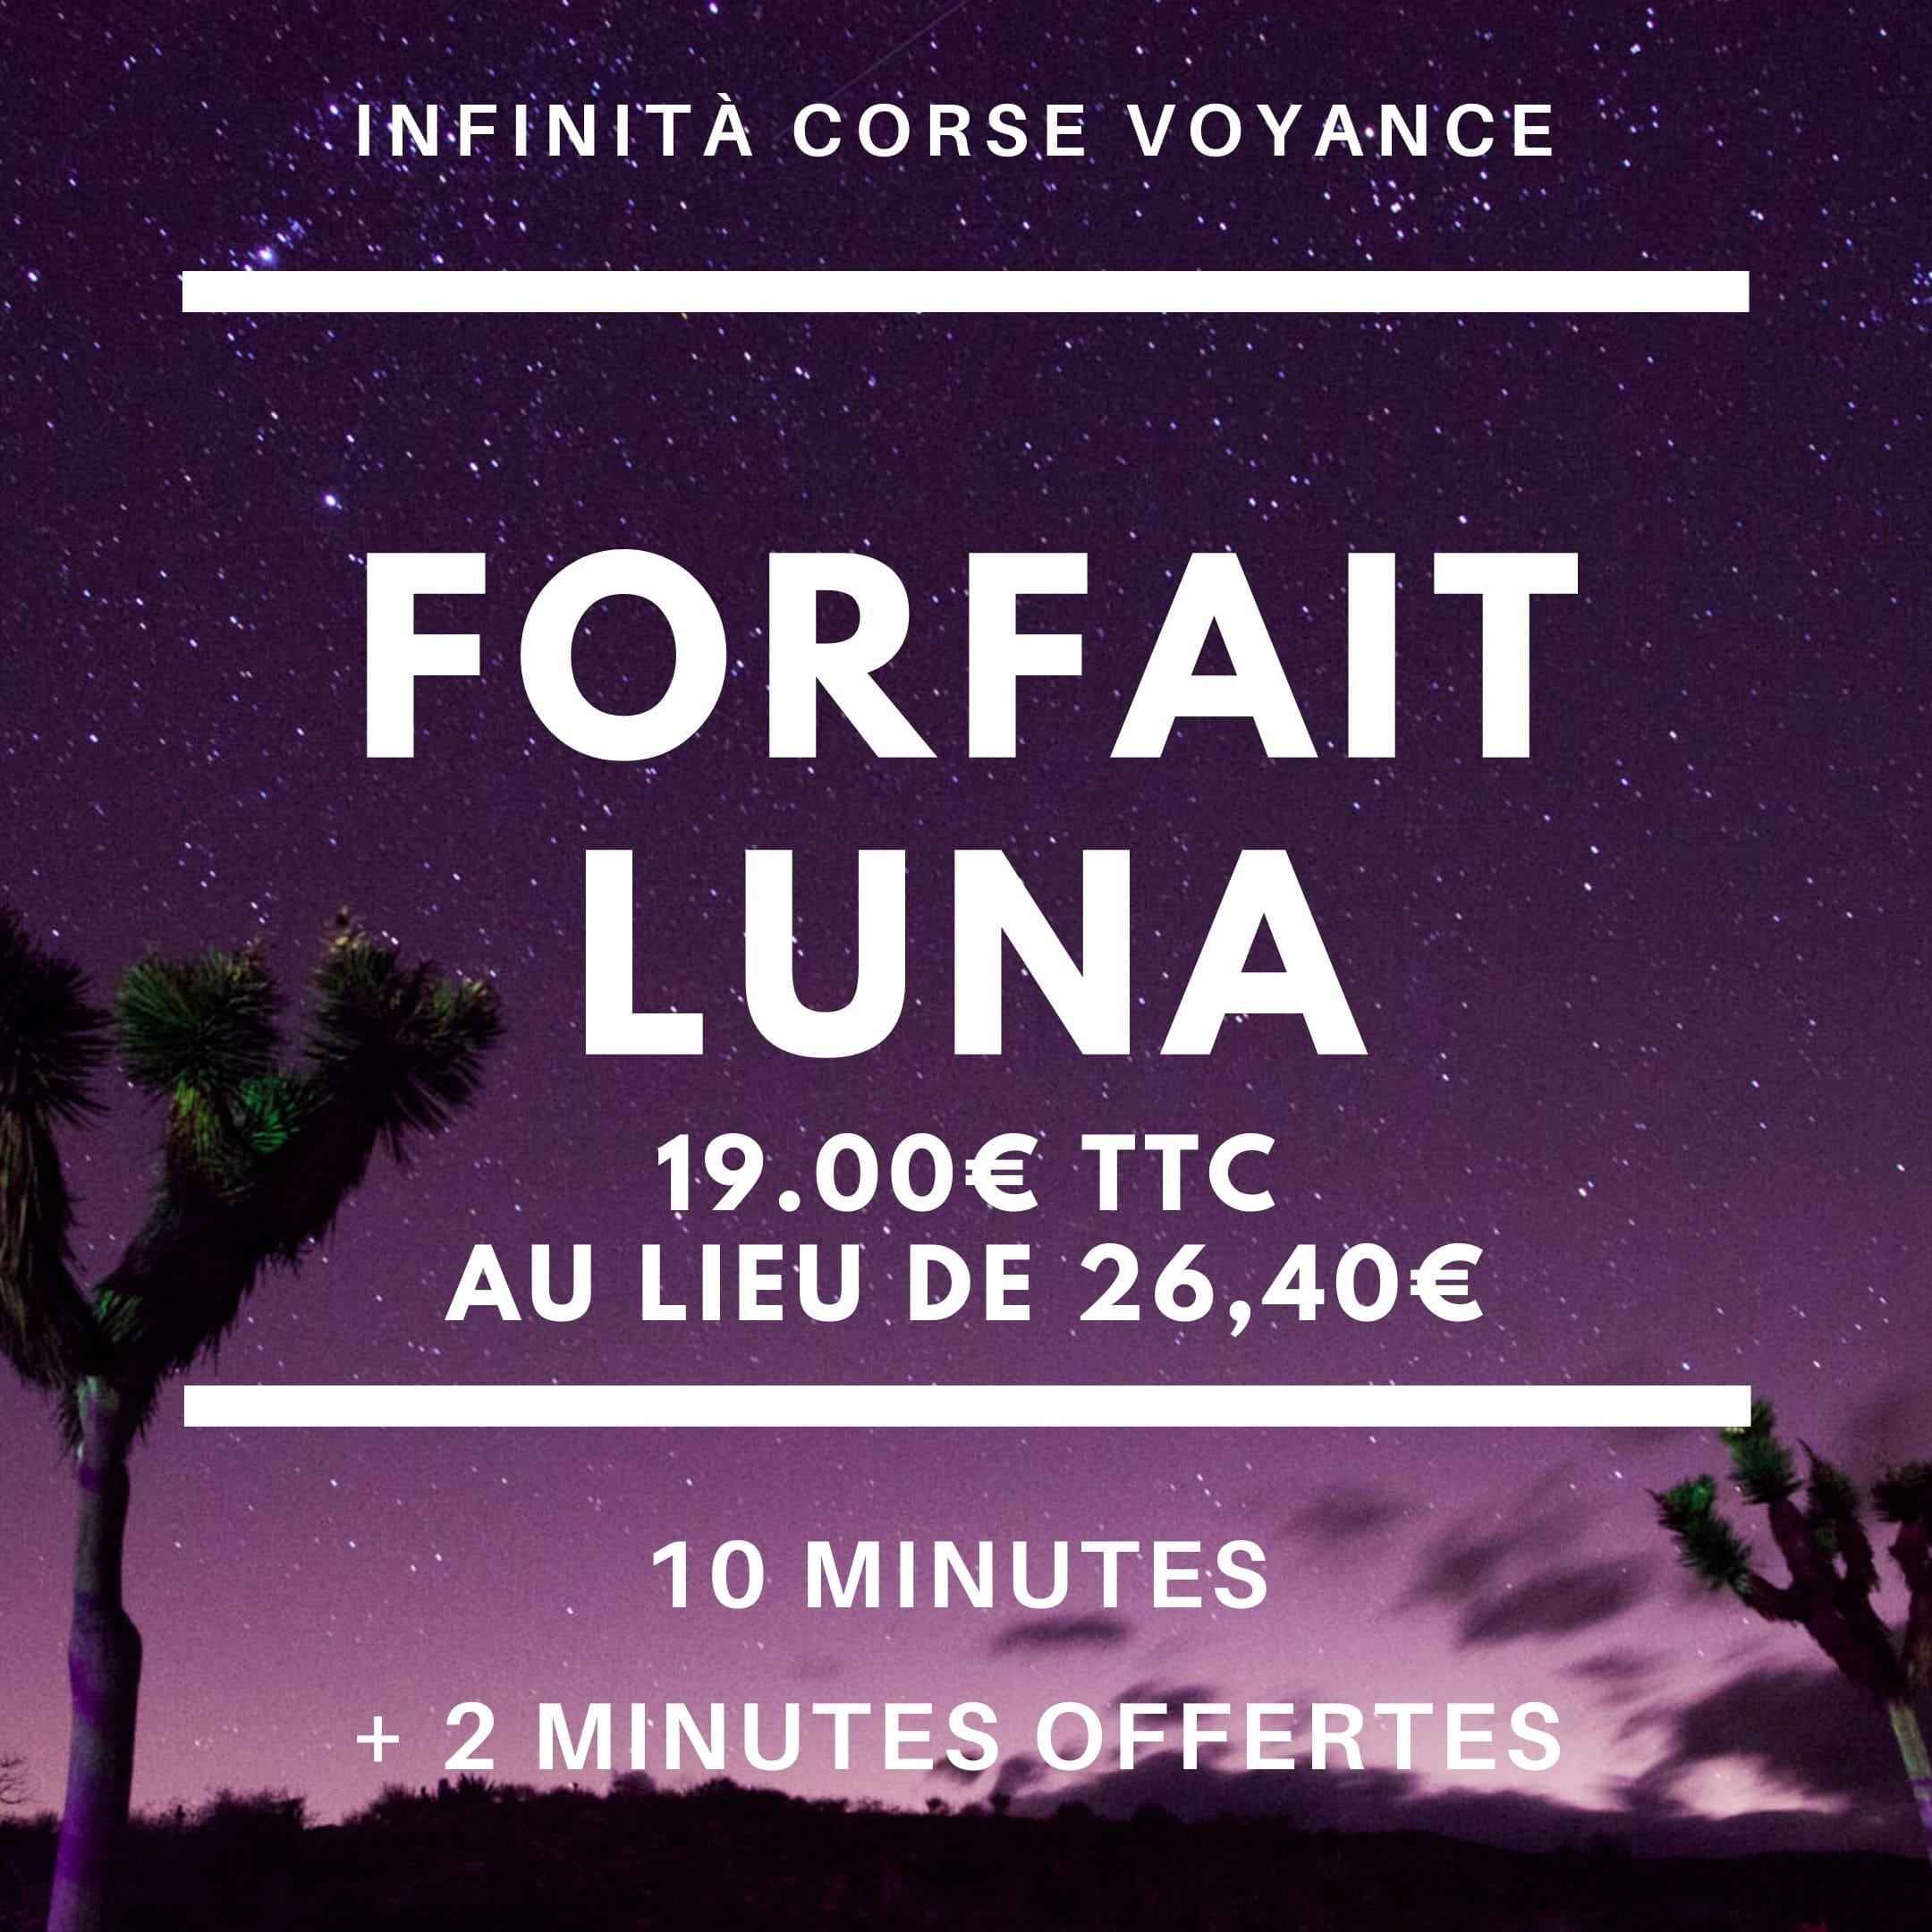 Forfait Luna / Infinità Corse Voyance